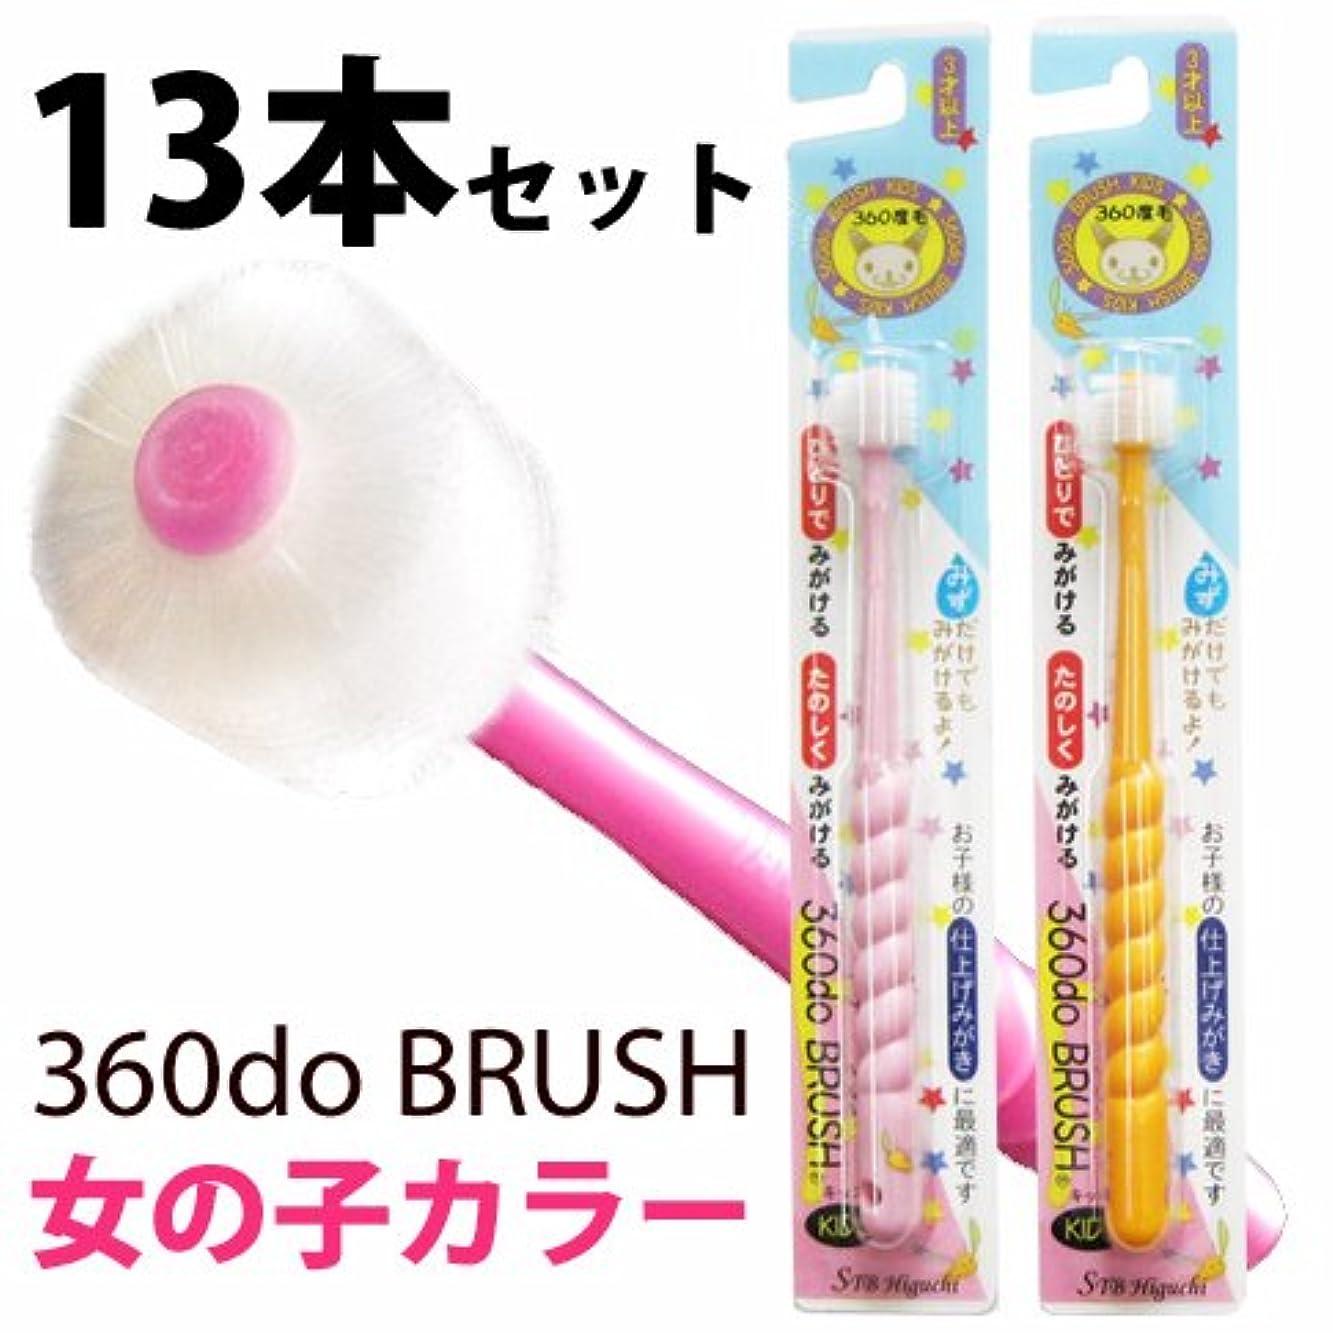 離すマージコロニー360do BRUSH 360度歯ブラシ キッズ 女の子用 13本セット